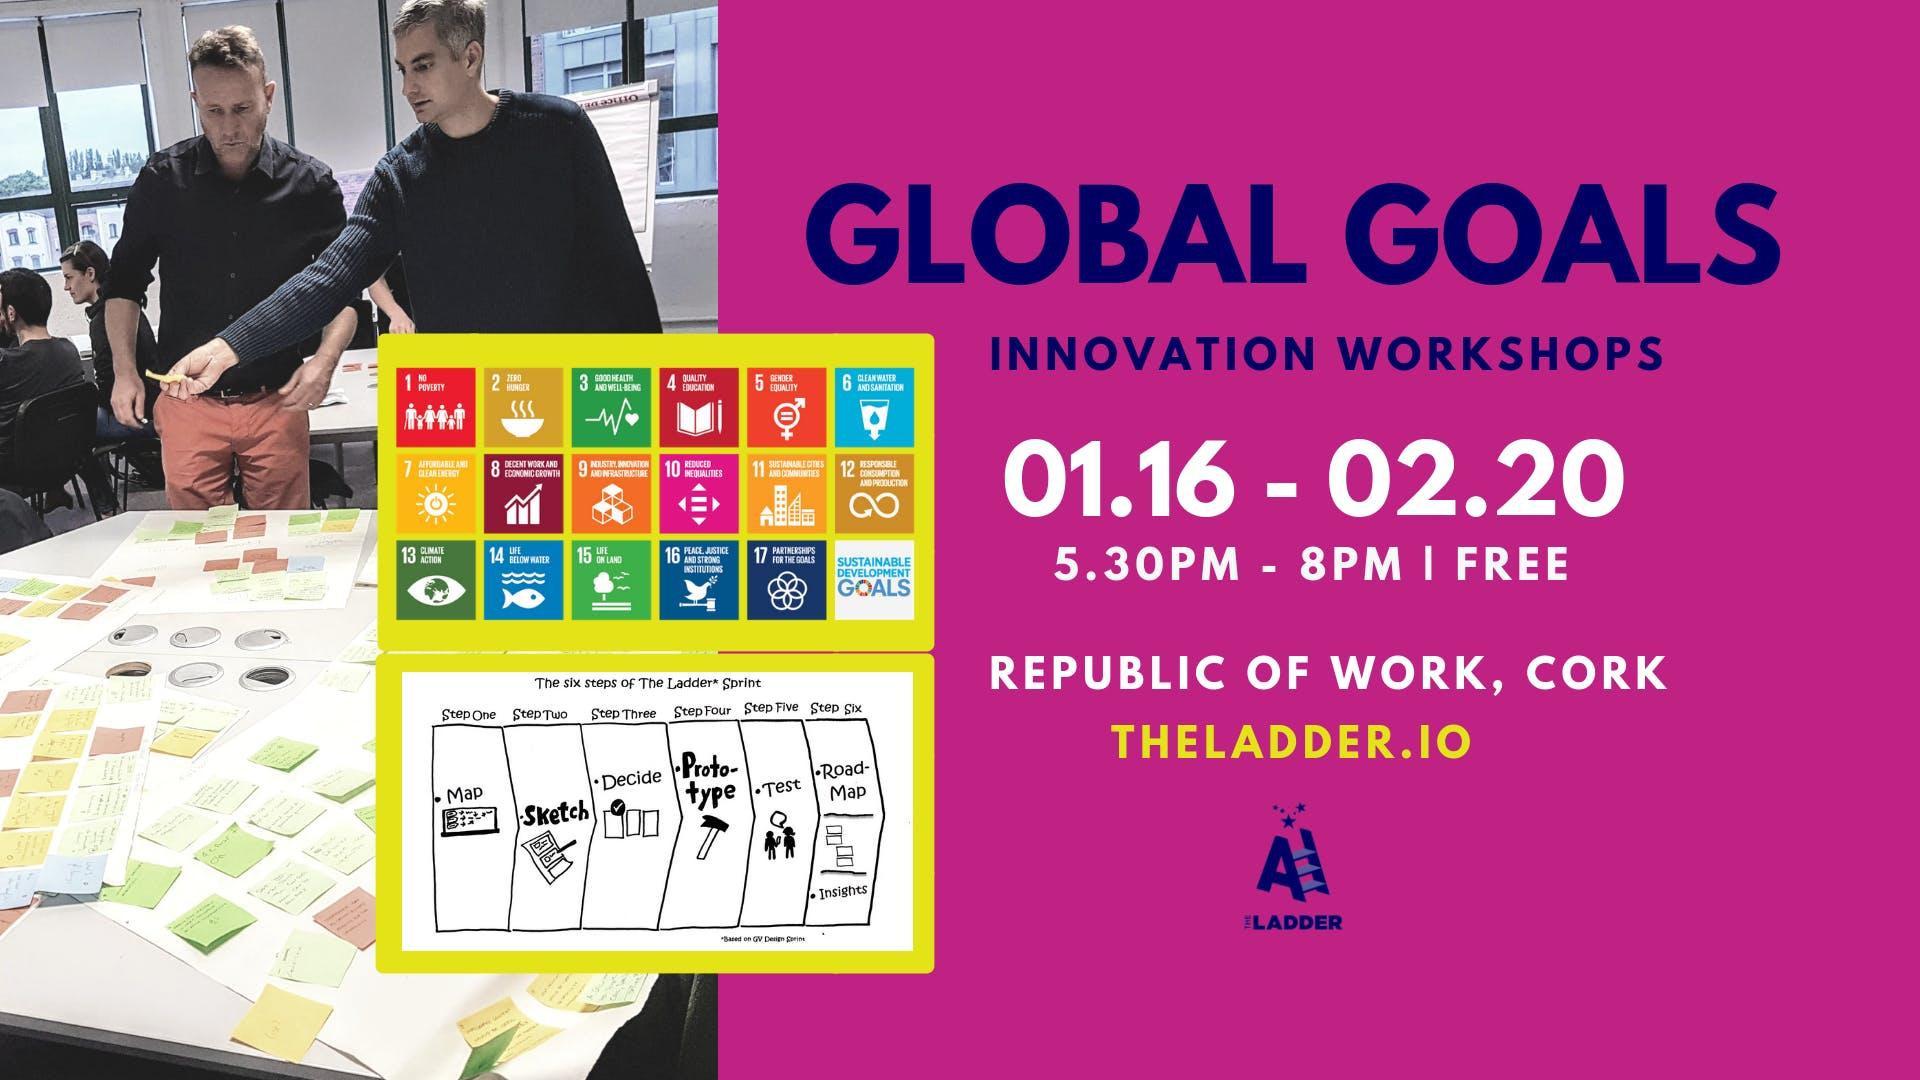 Global Goals and Innovation Workshop for Cork